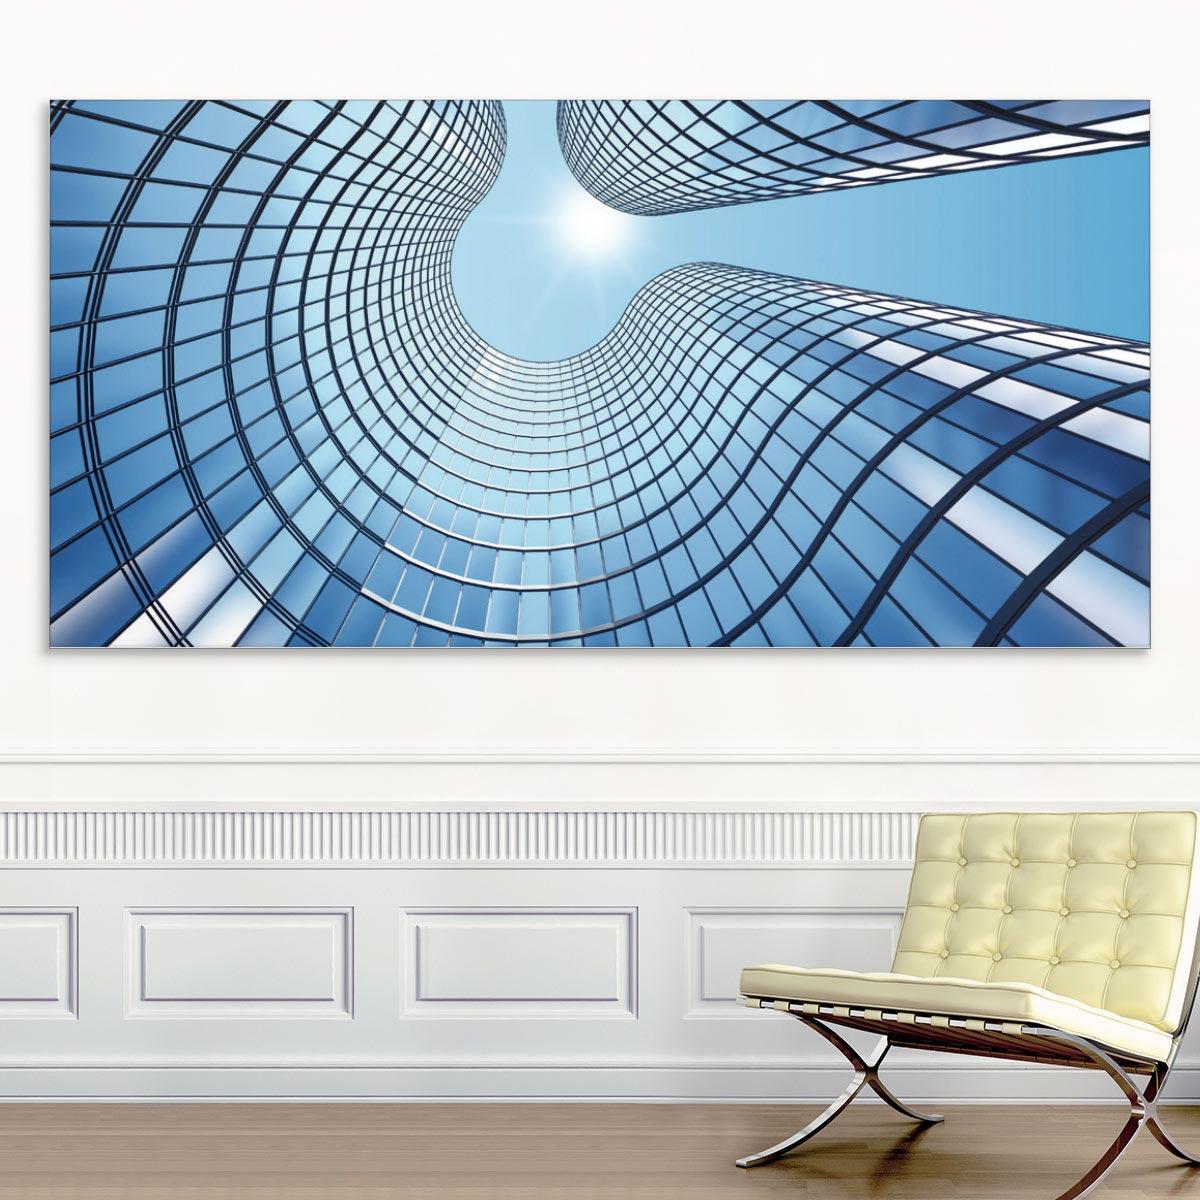 Akustikbild Hufeisenförmige Glasstruktur